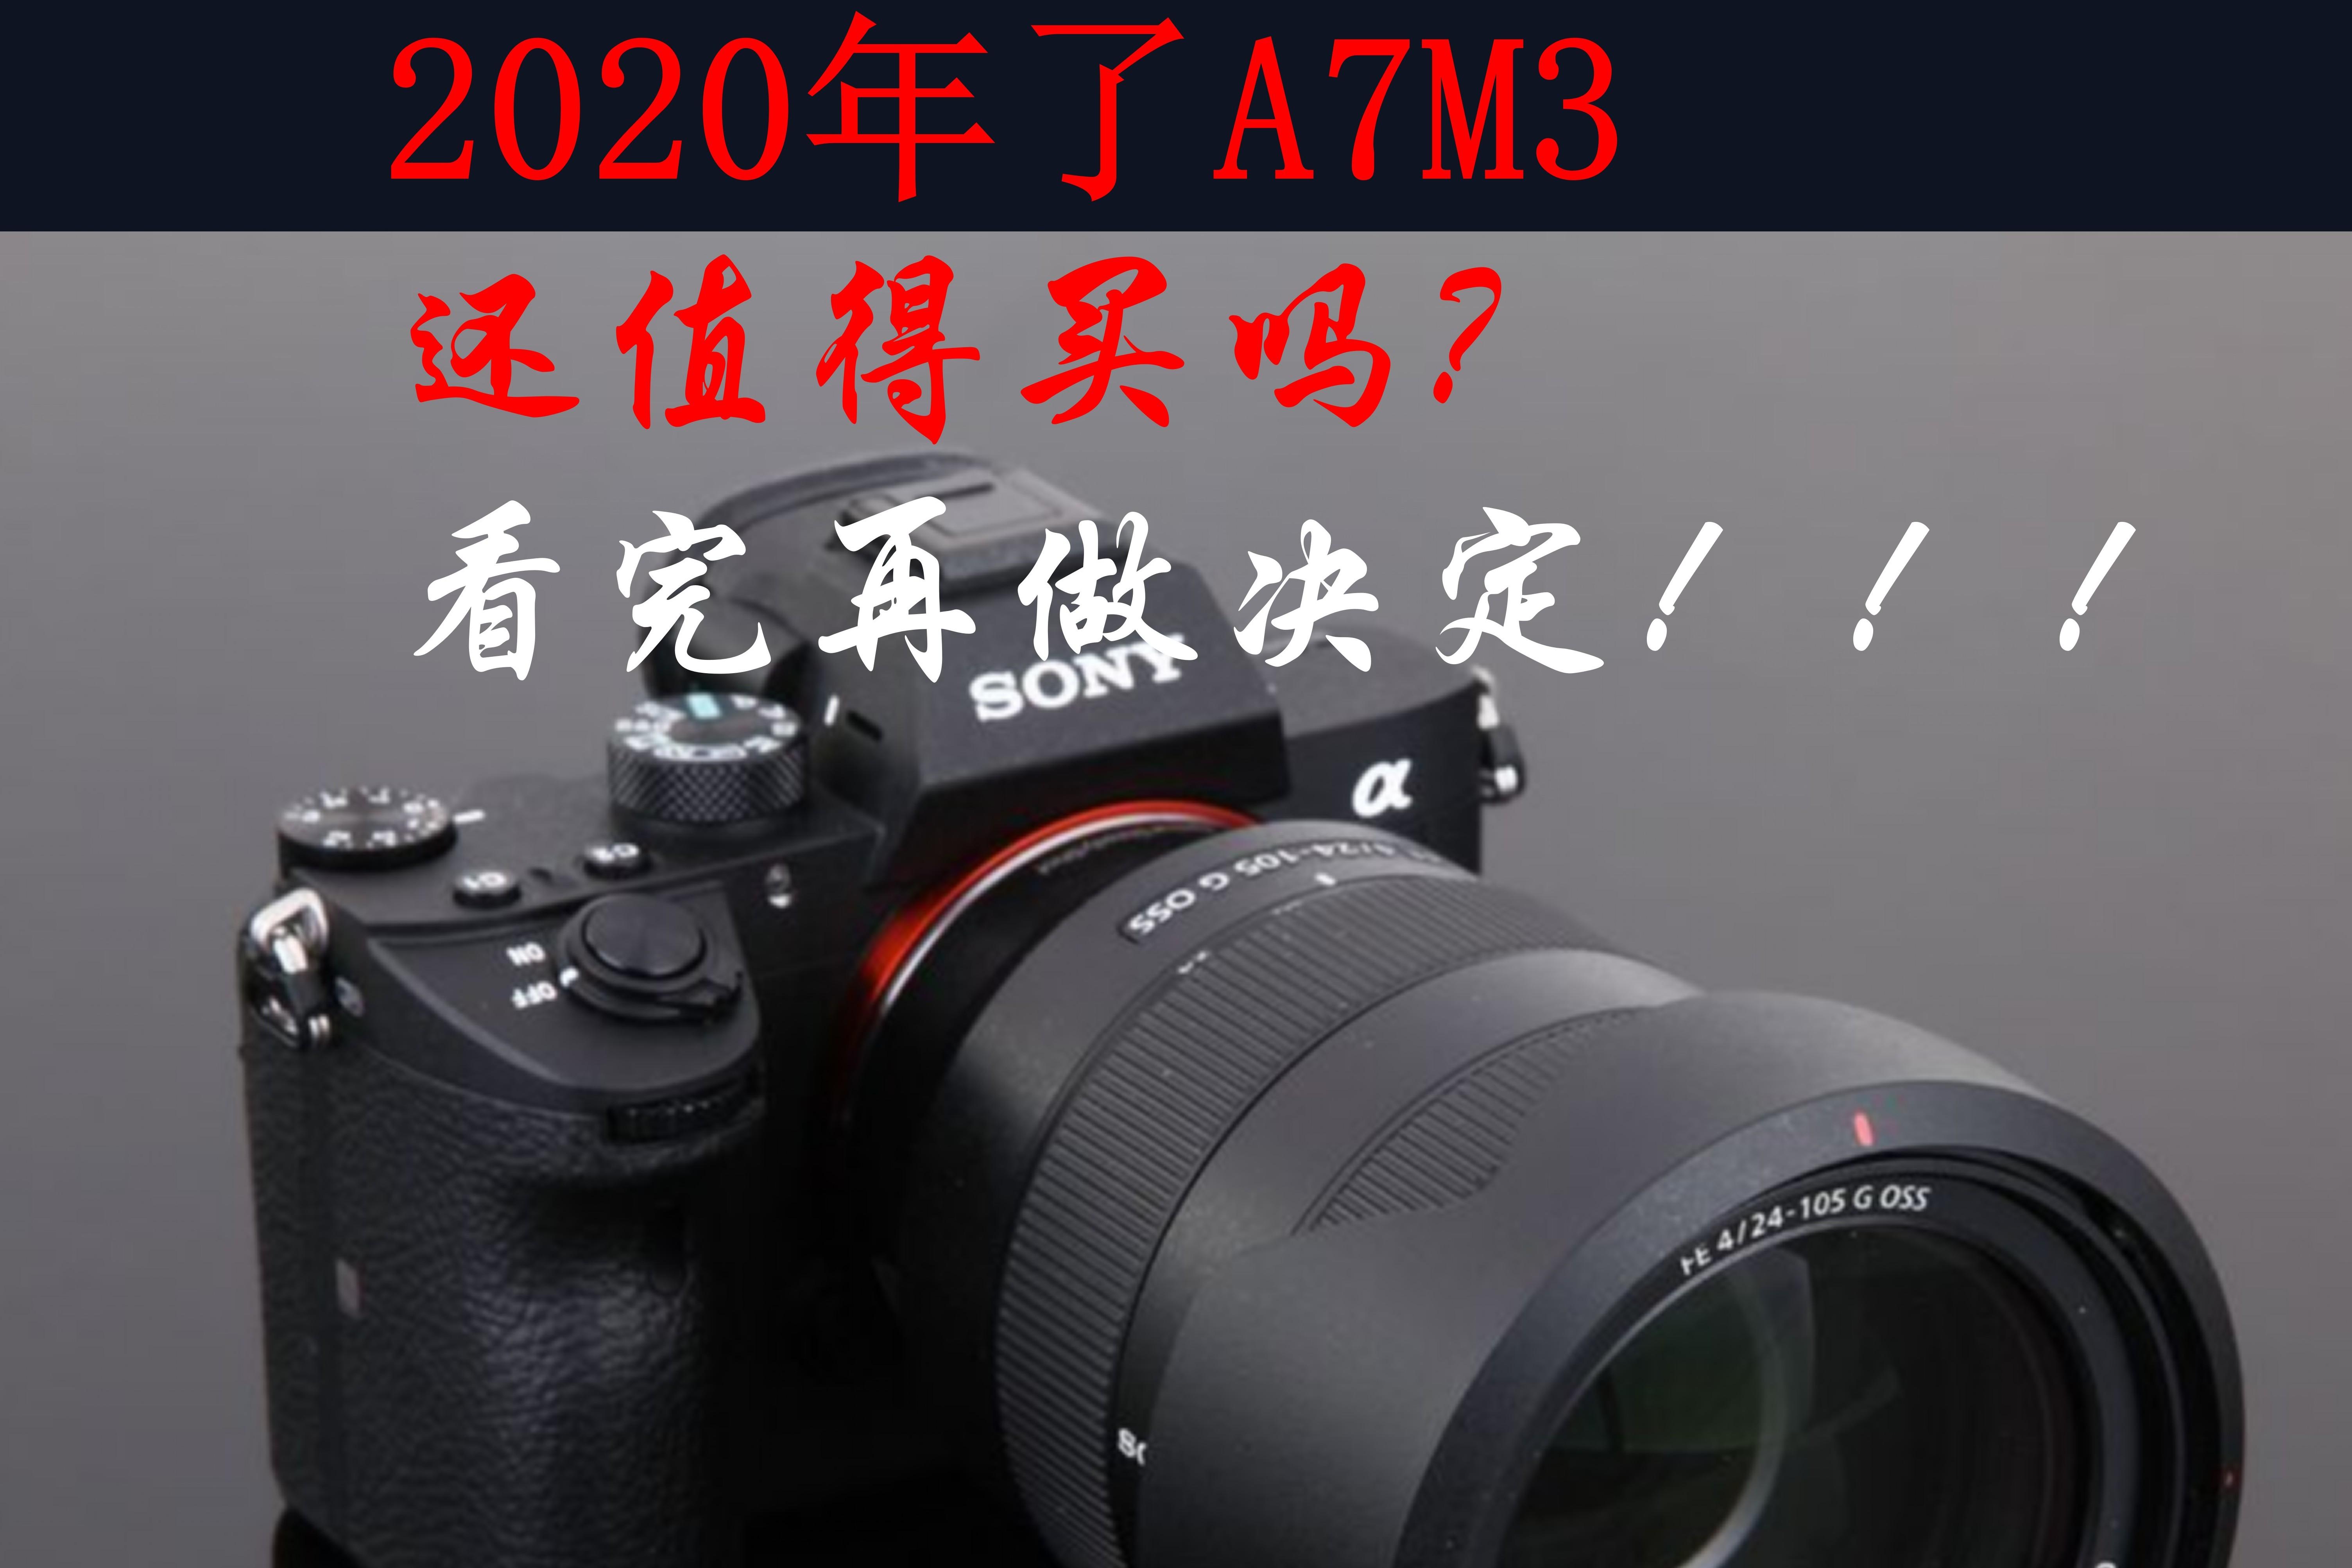 2020年A7M3还值得买吗?听我慢慢讲